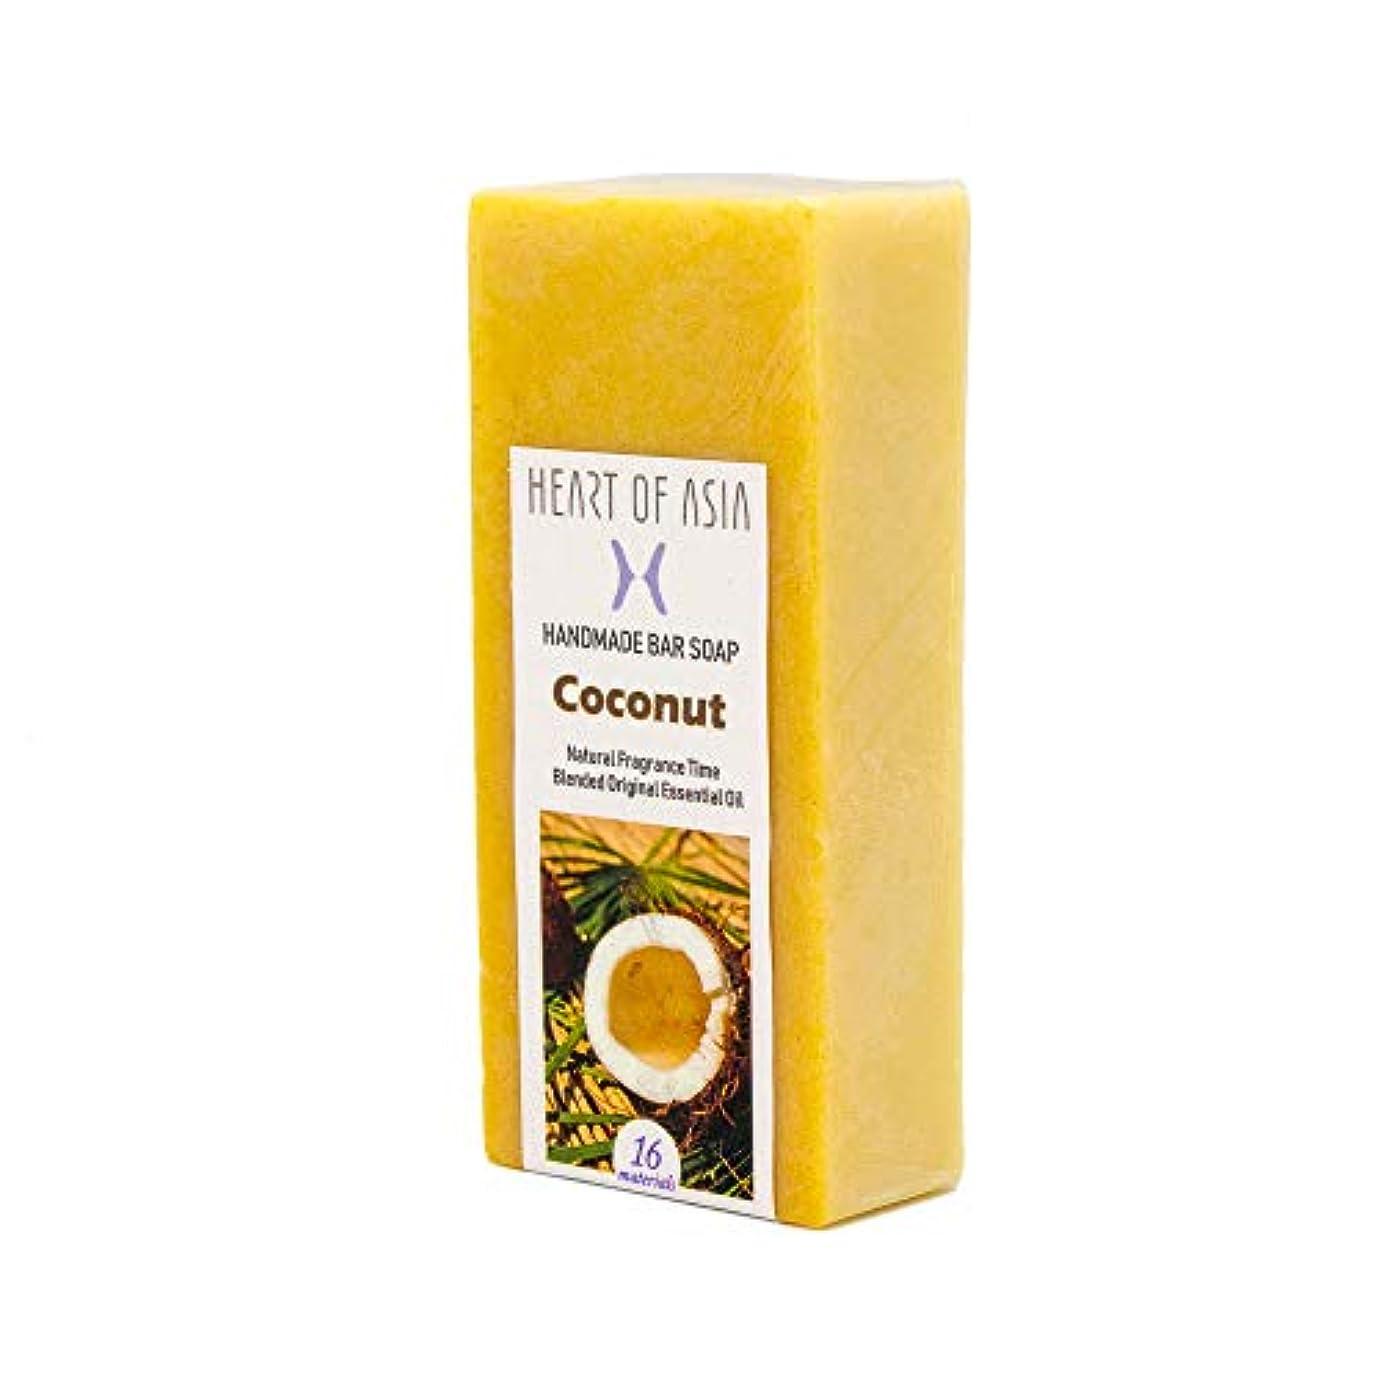 正午文明台風香水のようなフレグランス石けん HANDMADE BAR SOAP ~Coconut ~ (単品)